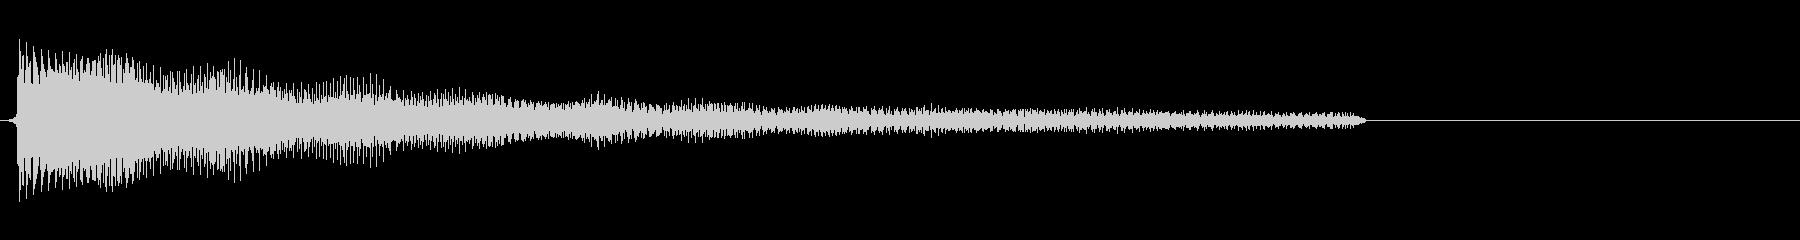 STEEL GUITAR:WOBB...の未再生の波形